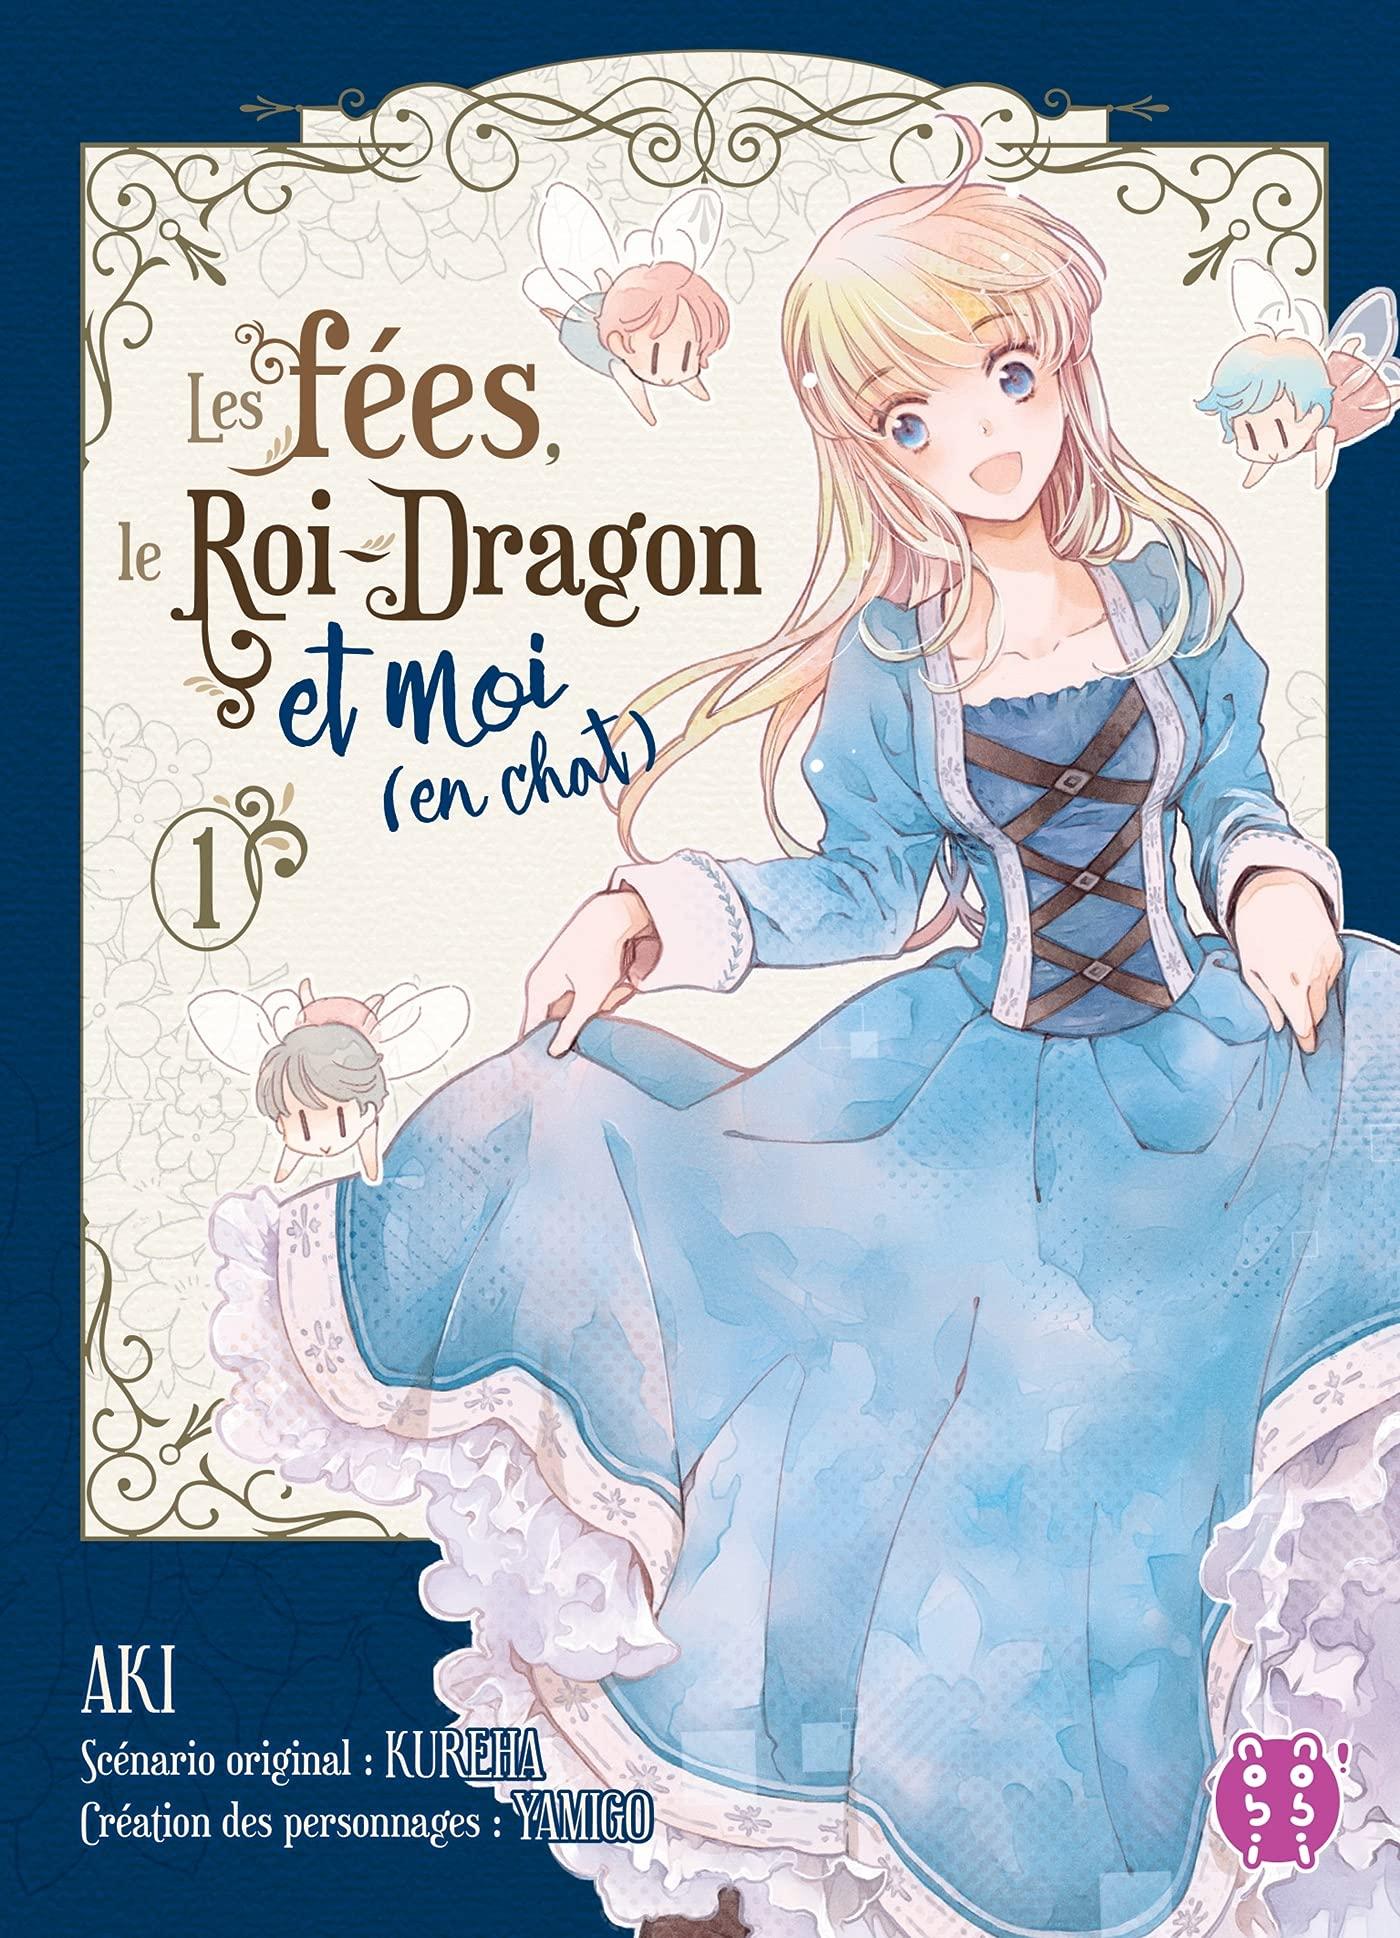 Les Fées, Le Roi-Dragon et Moi (En chat) 1